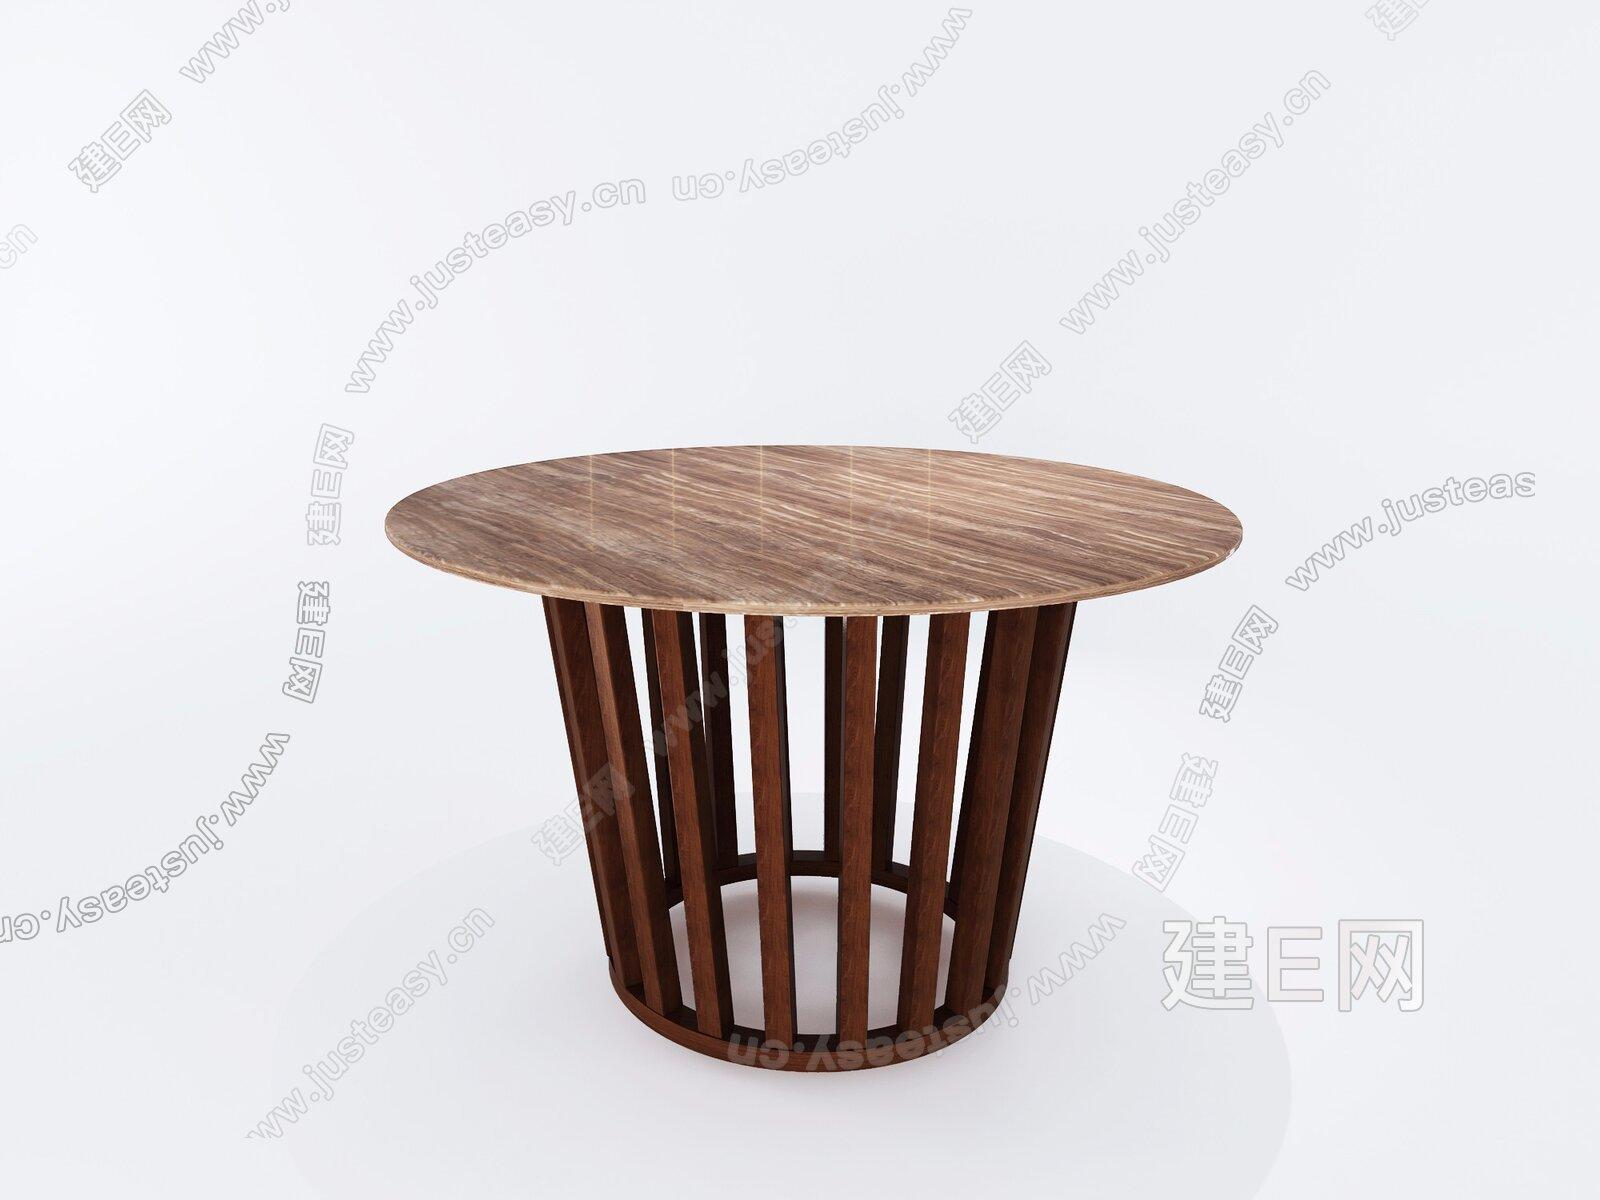 现代圆餐桌3d模型